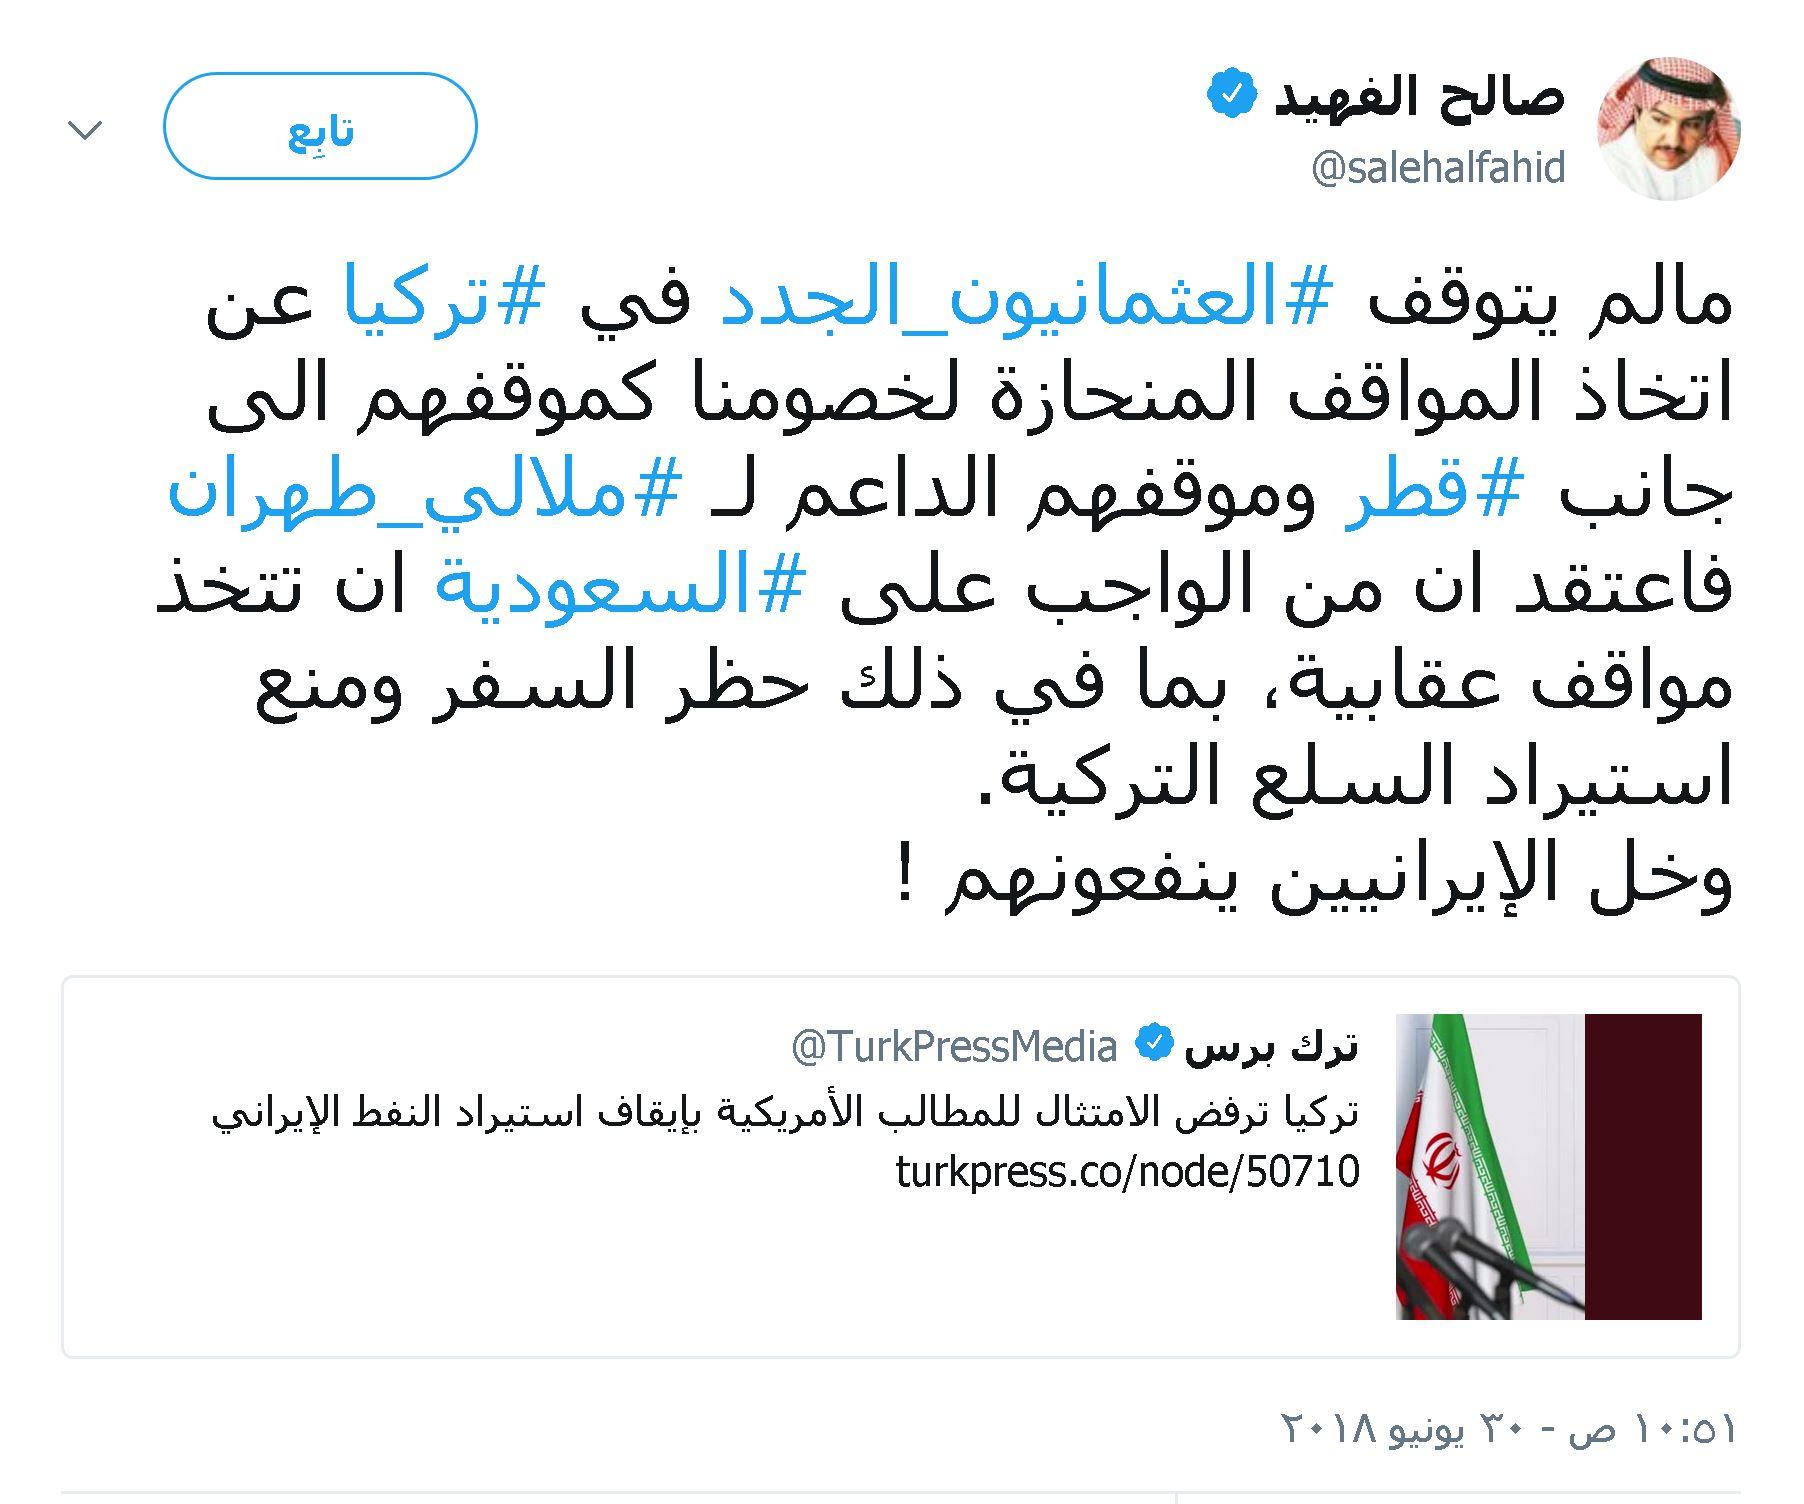 تويتر صالح الفهيد